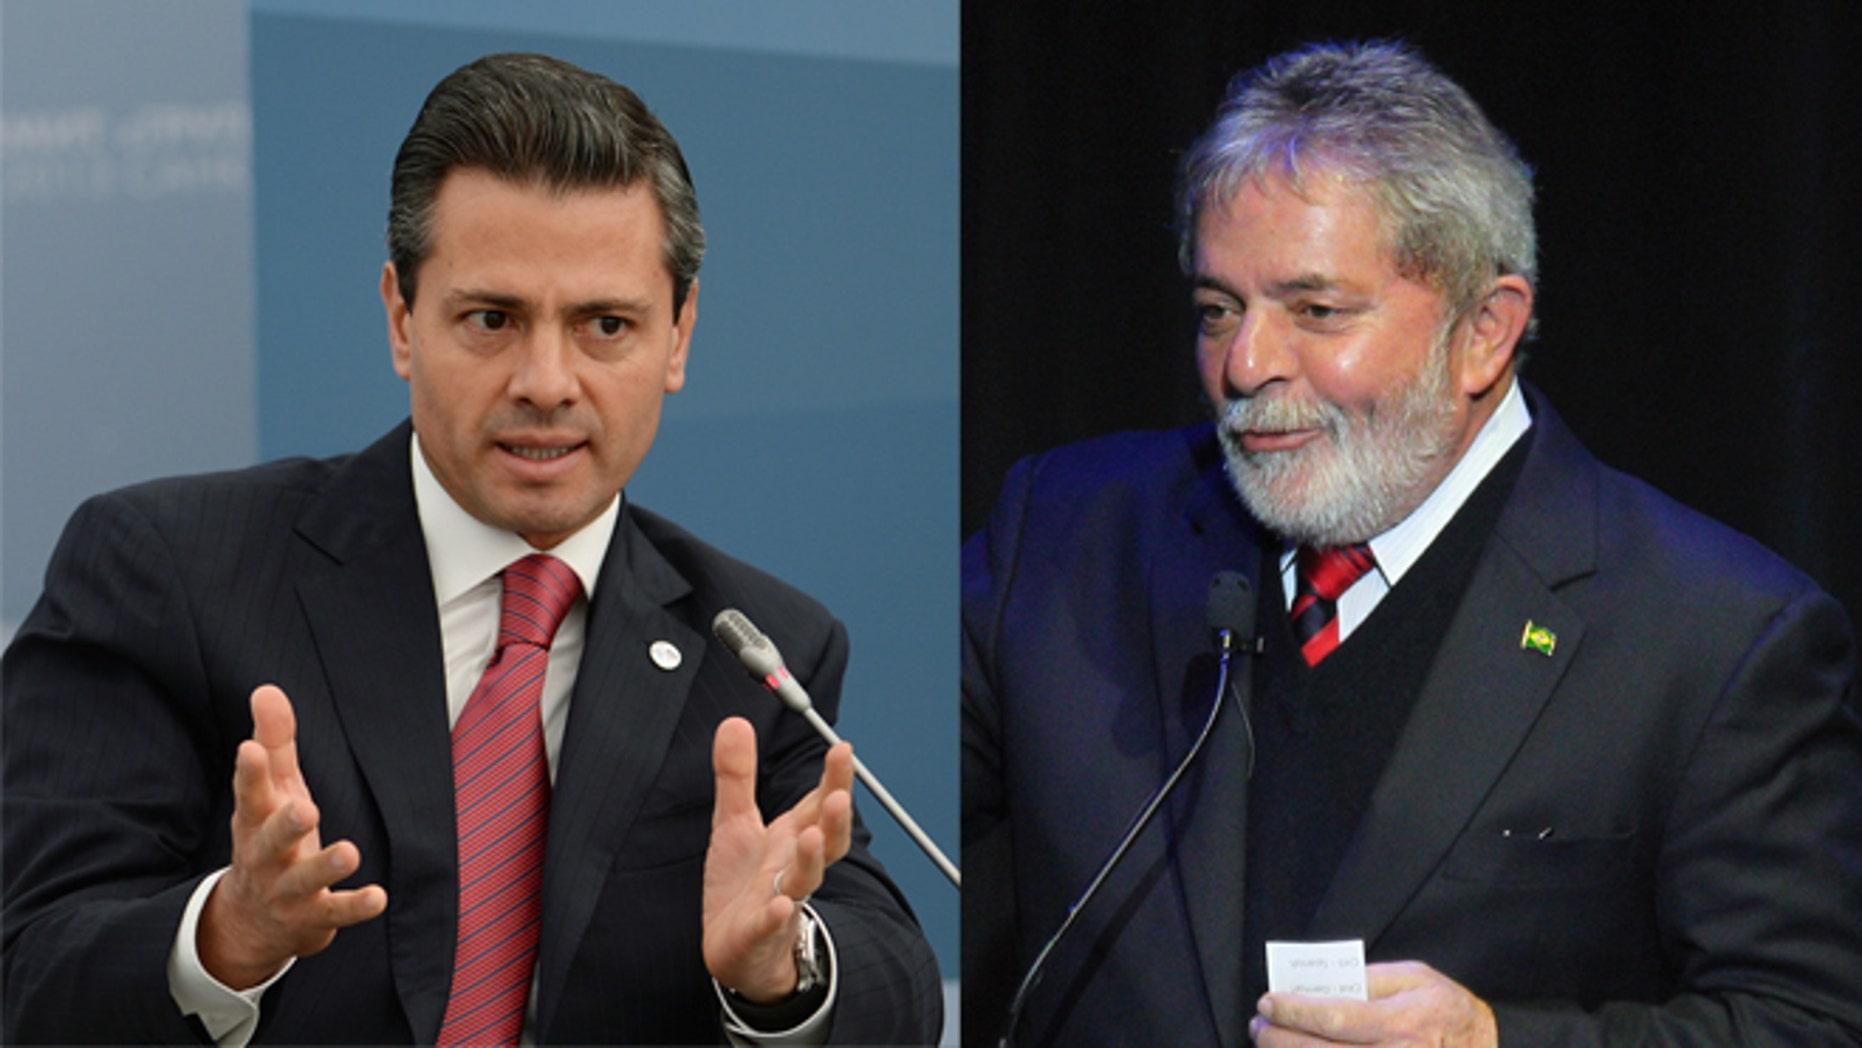 Mexican President Enrique Peña Nieto (Right), Former Brazilian President Luiz Inácio Lula da Silva (Left)